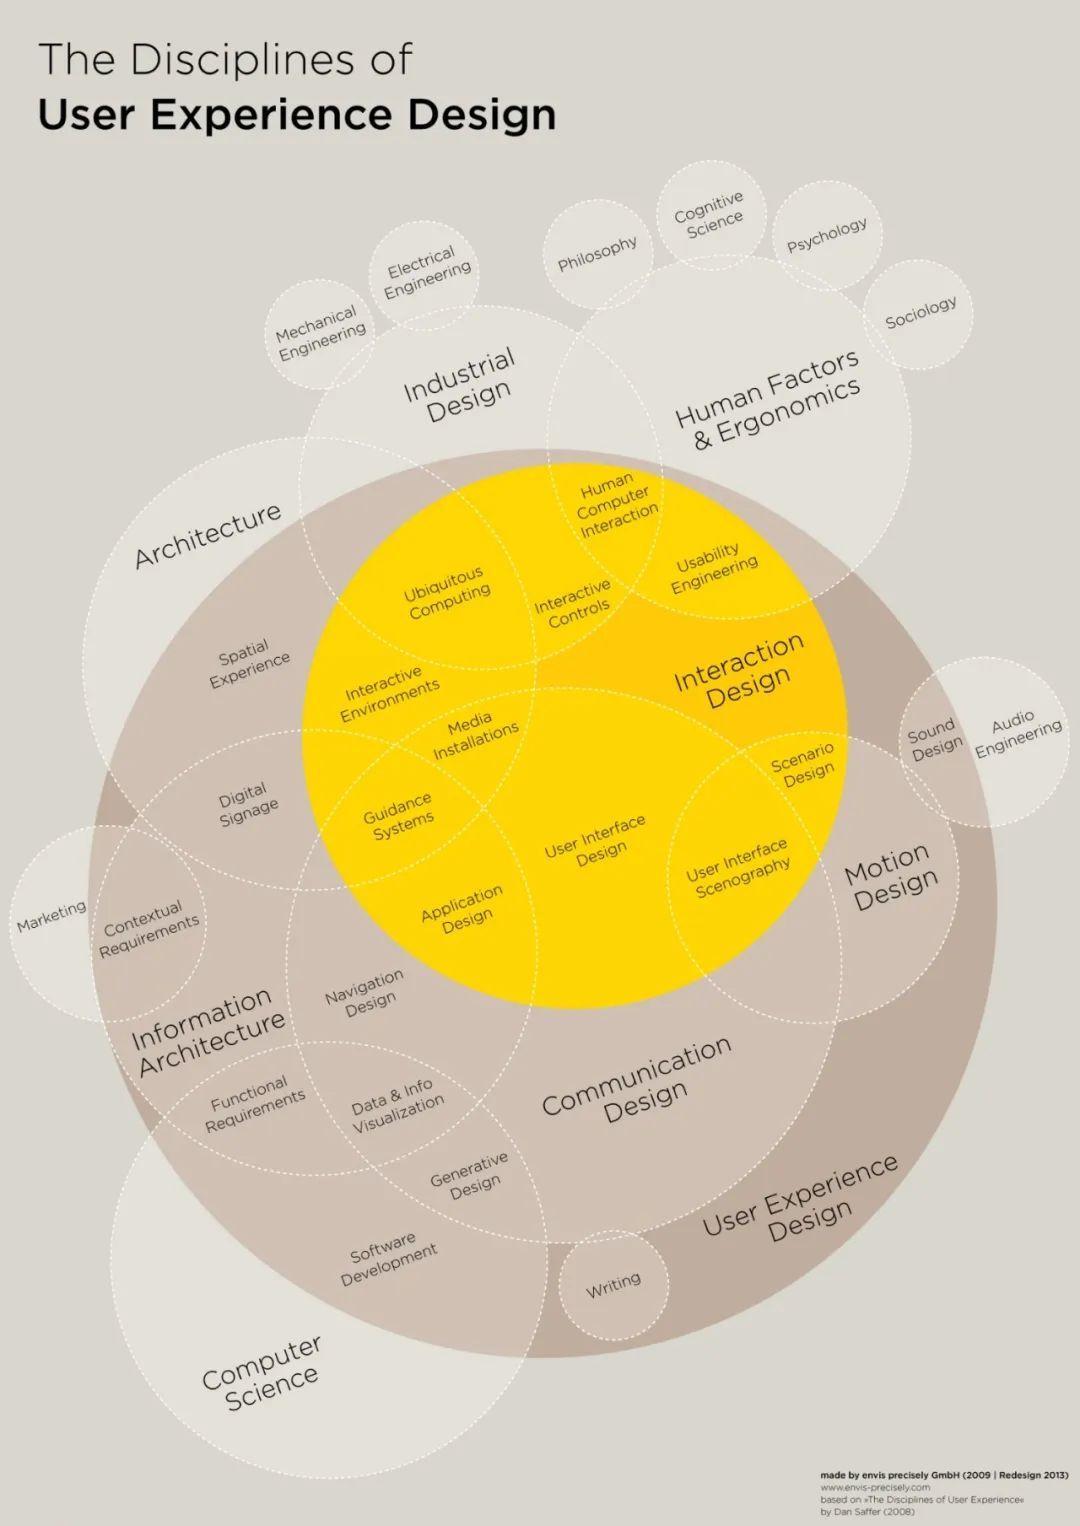 大师漫谈 | 交互设计行业饱和了吗